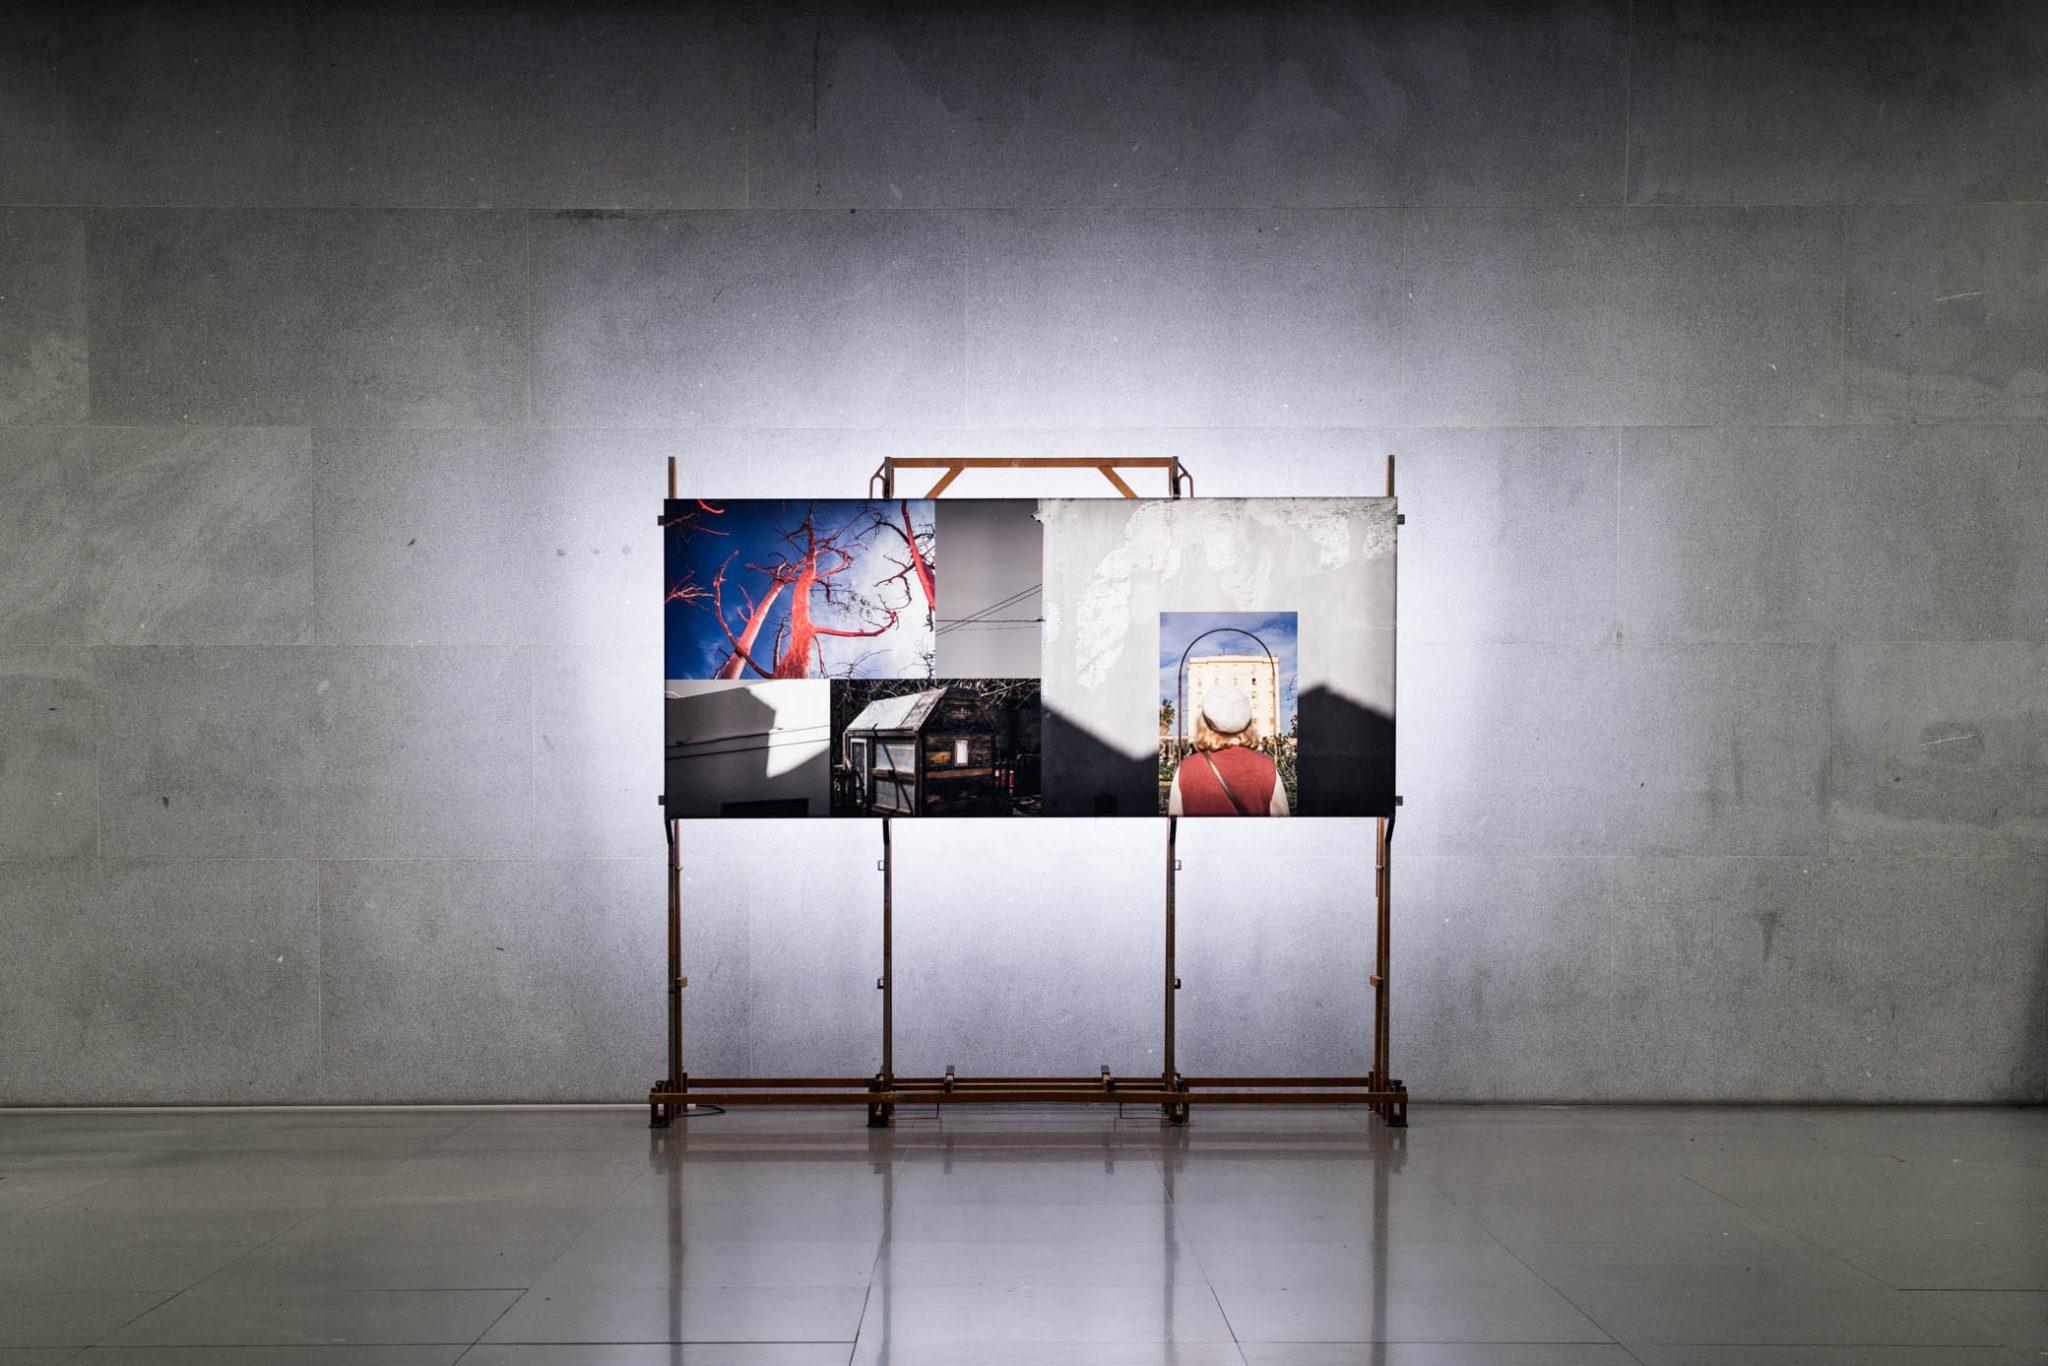 NUNO PIMENTA; ARTWORKS; BIENAL FOTOGRAFIA 21; PORTO